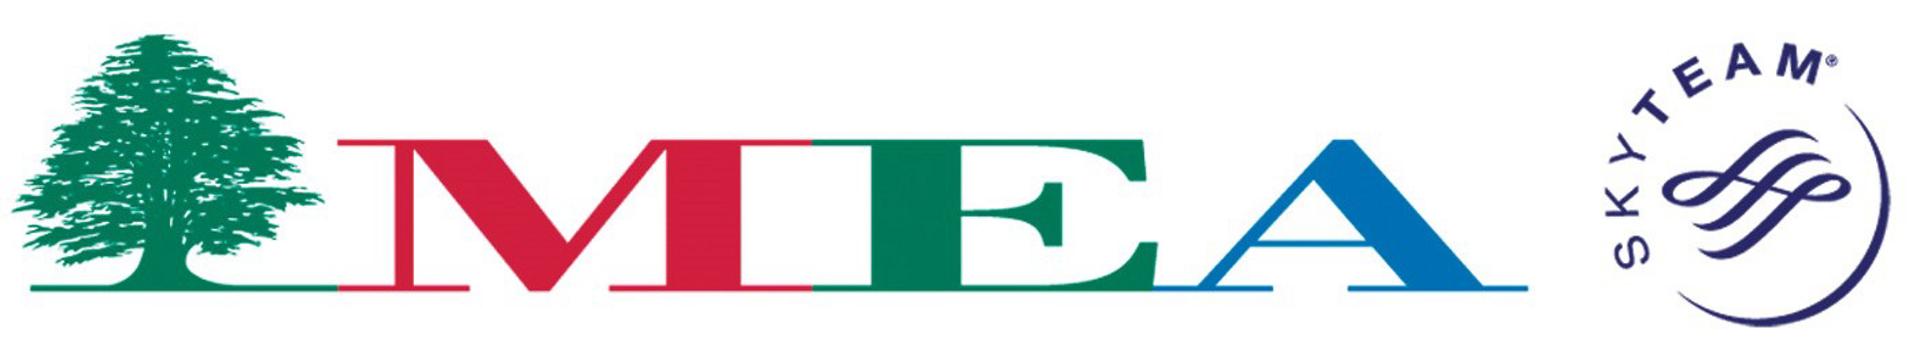 MEA logo FAST